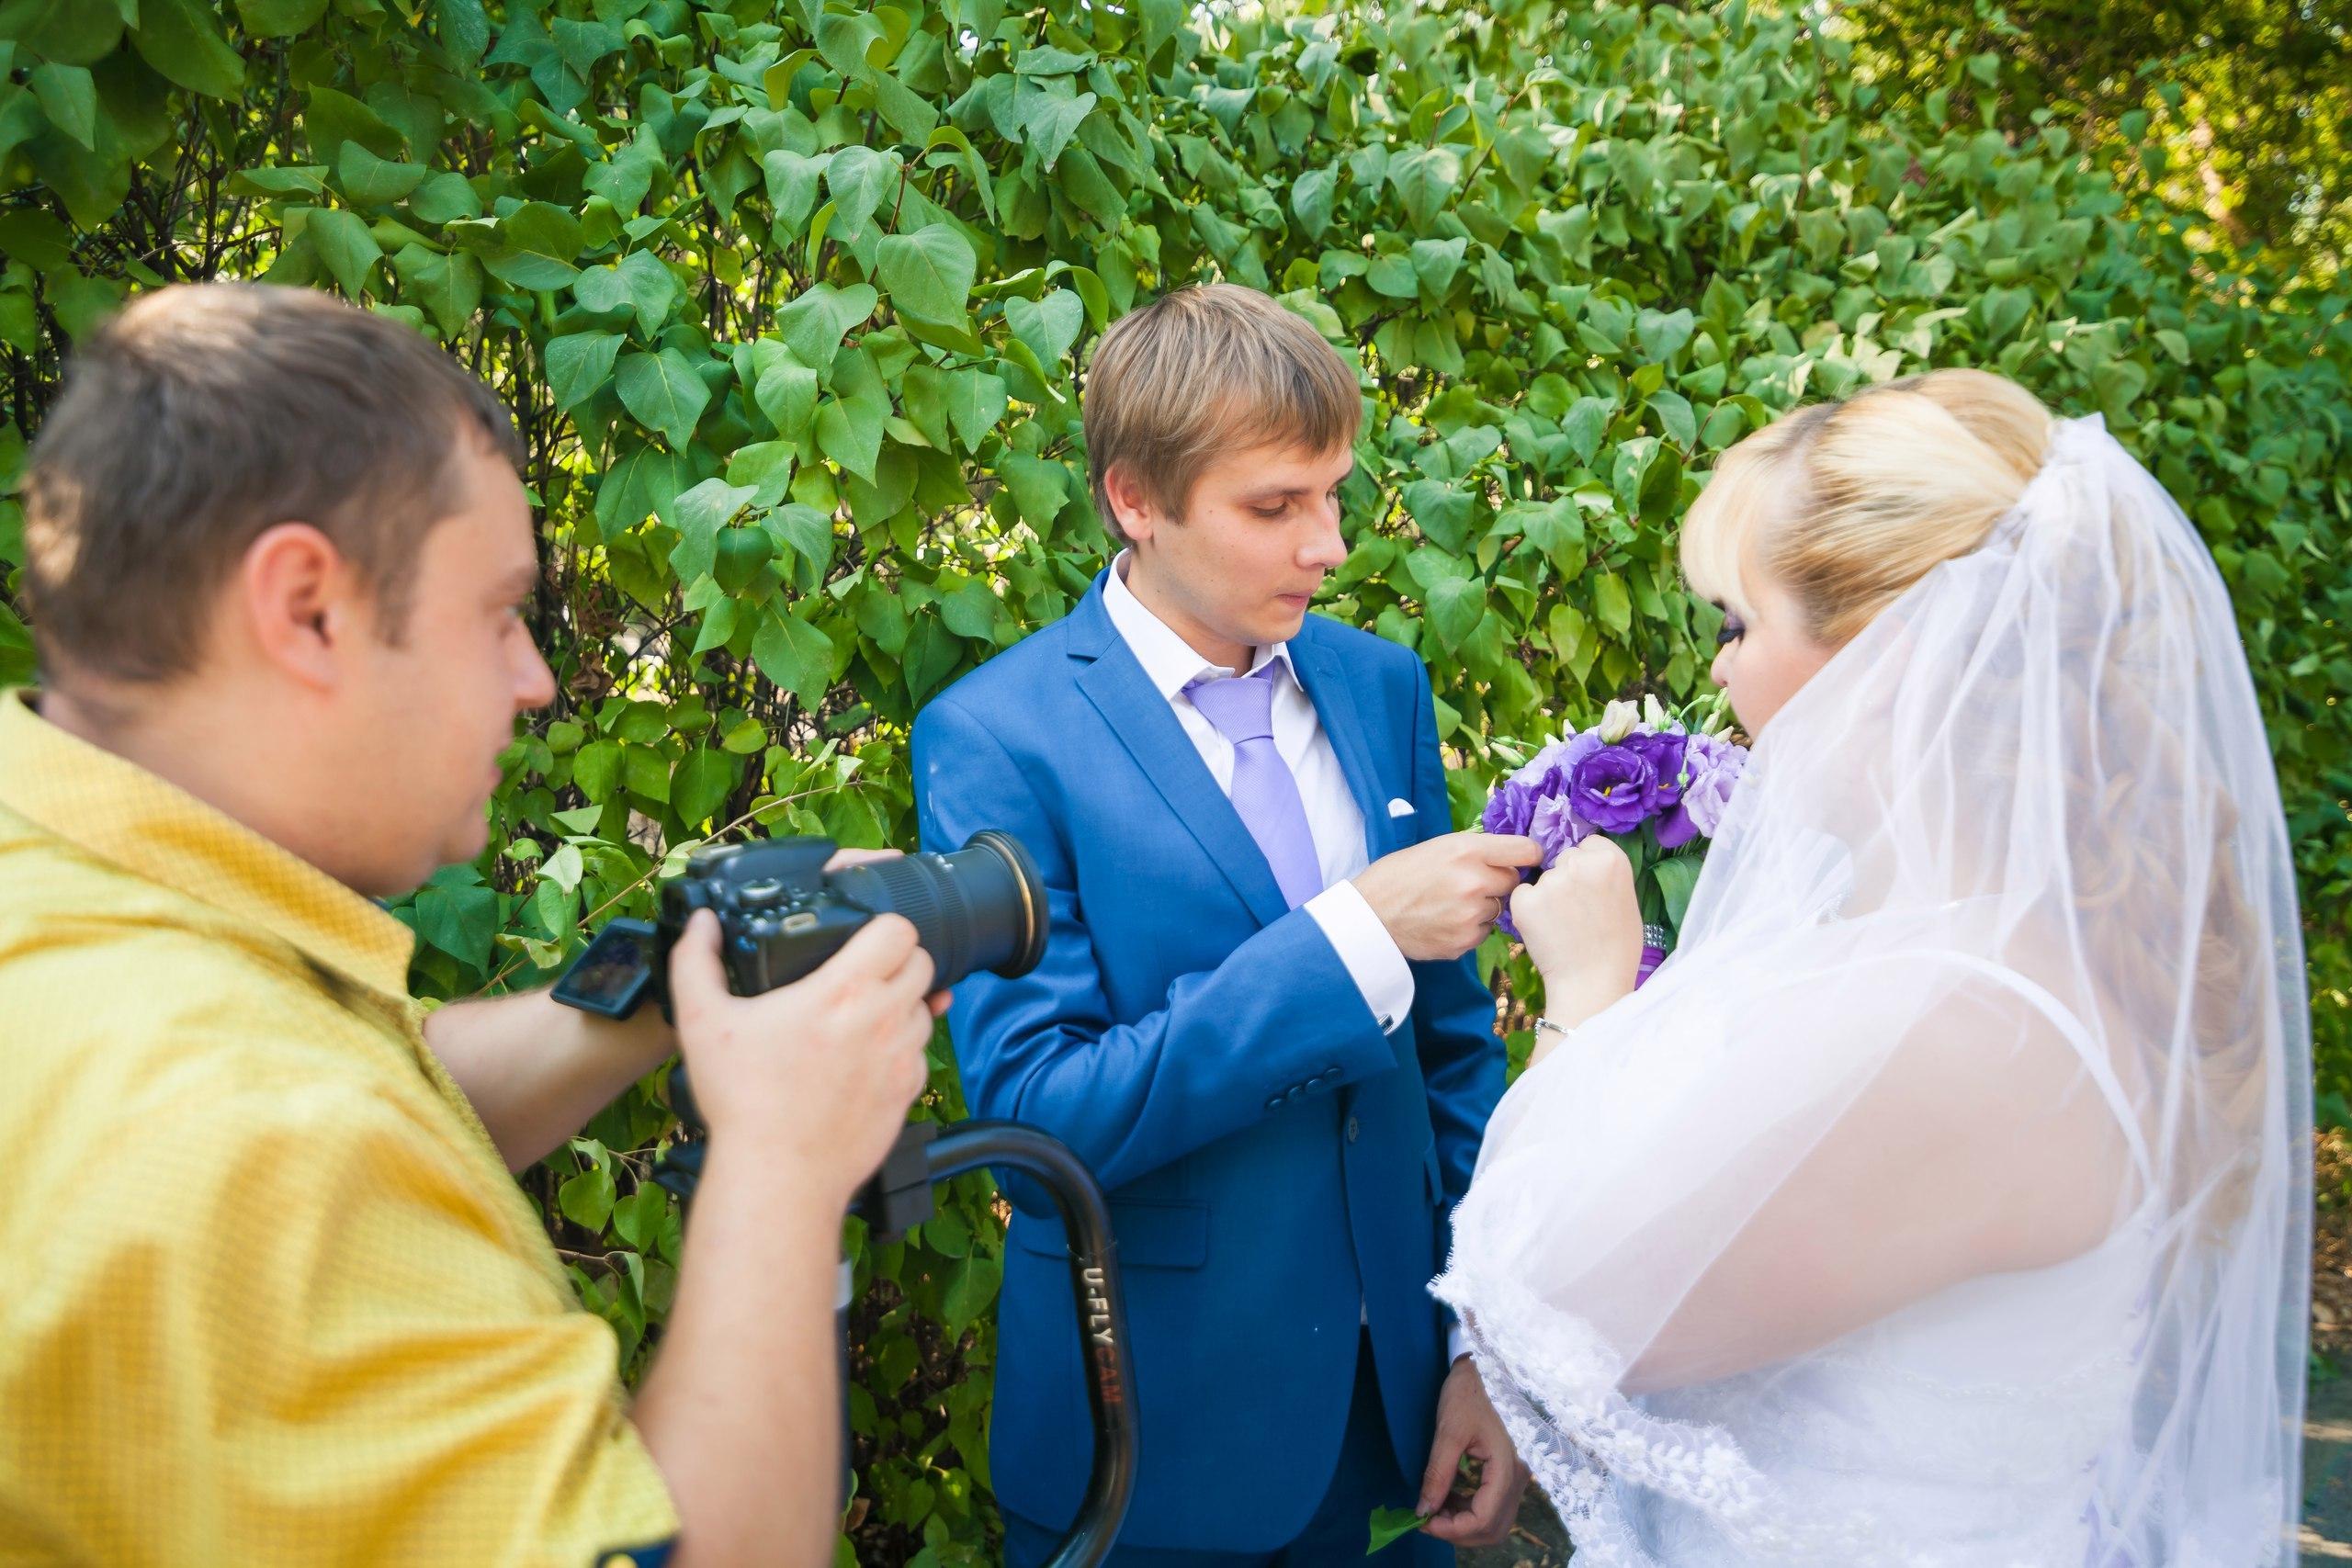 Свадебный фотограф Луганск и ЛНР. Услуги фотографа и 79